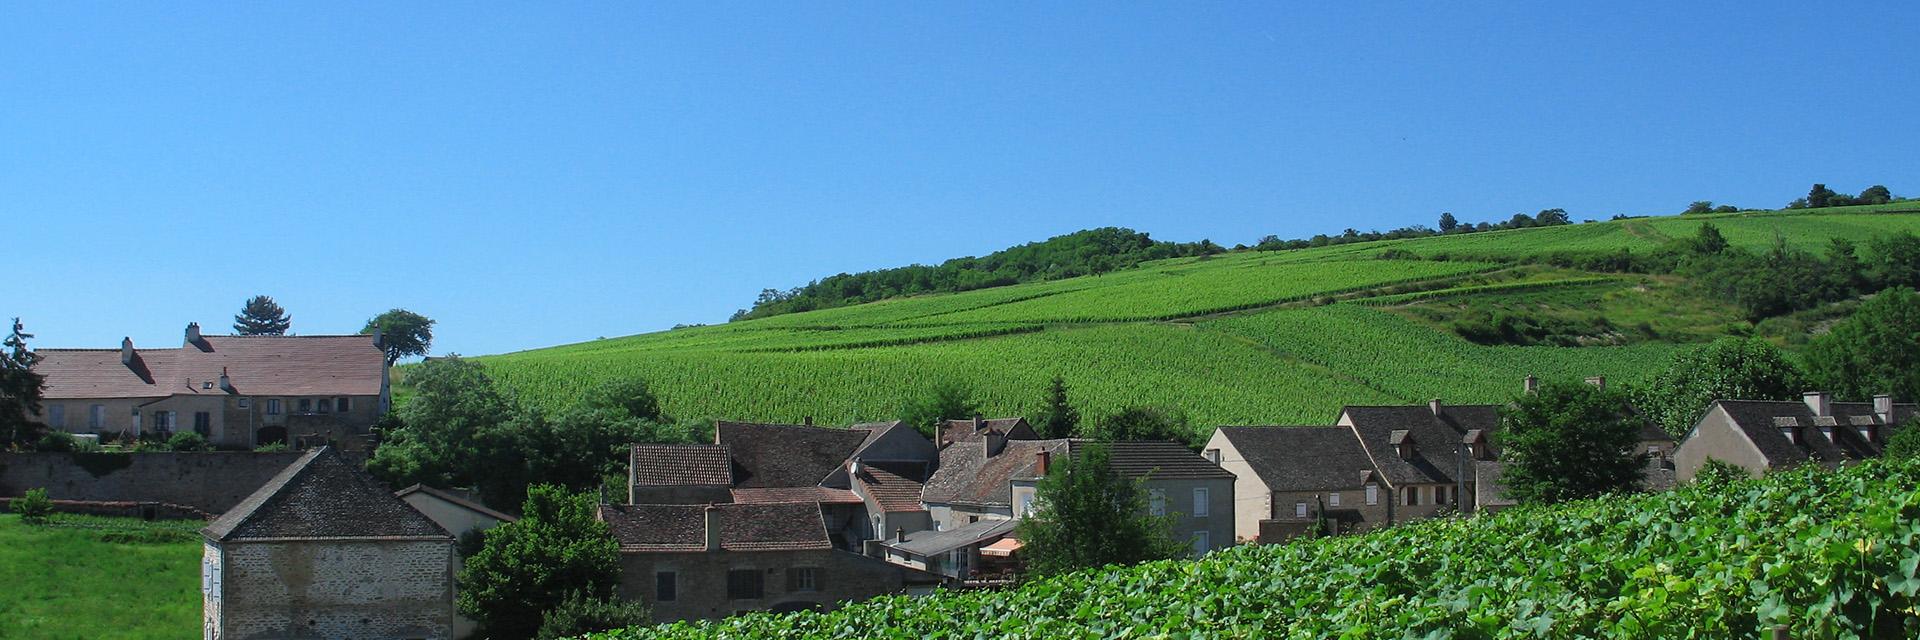 Village-vacance-cap-france-hotel-club-du-lac-orient-village